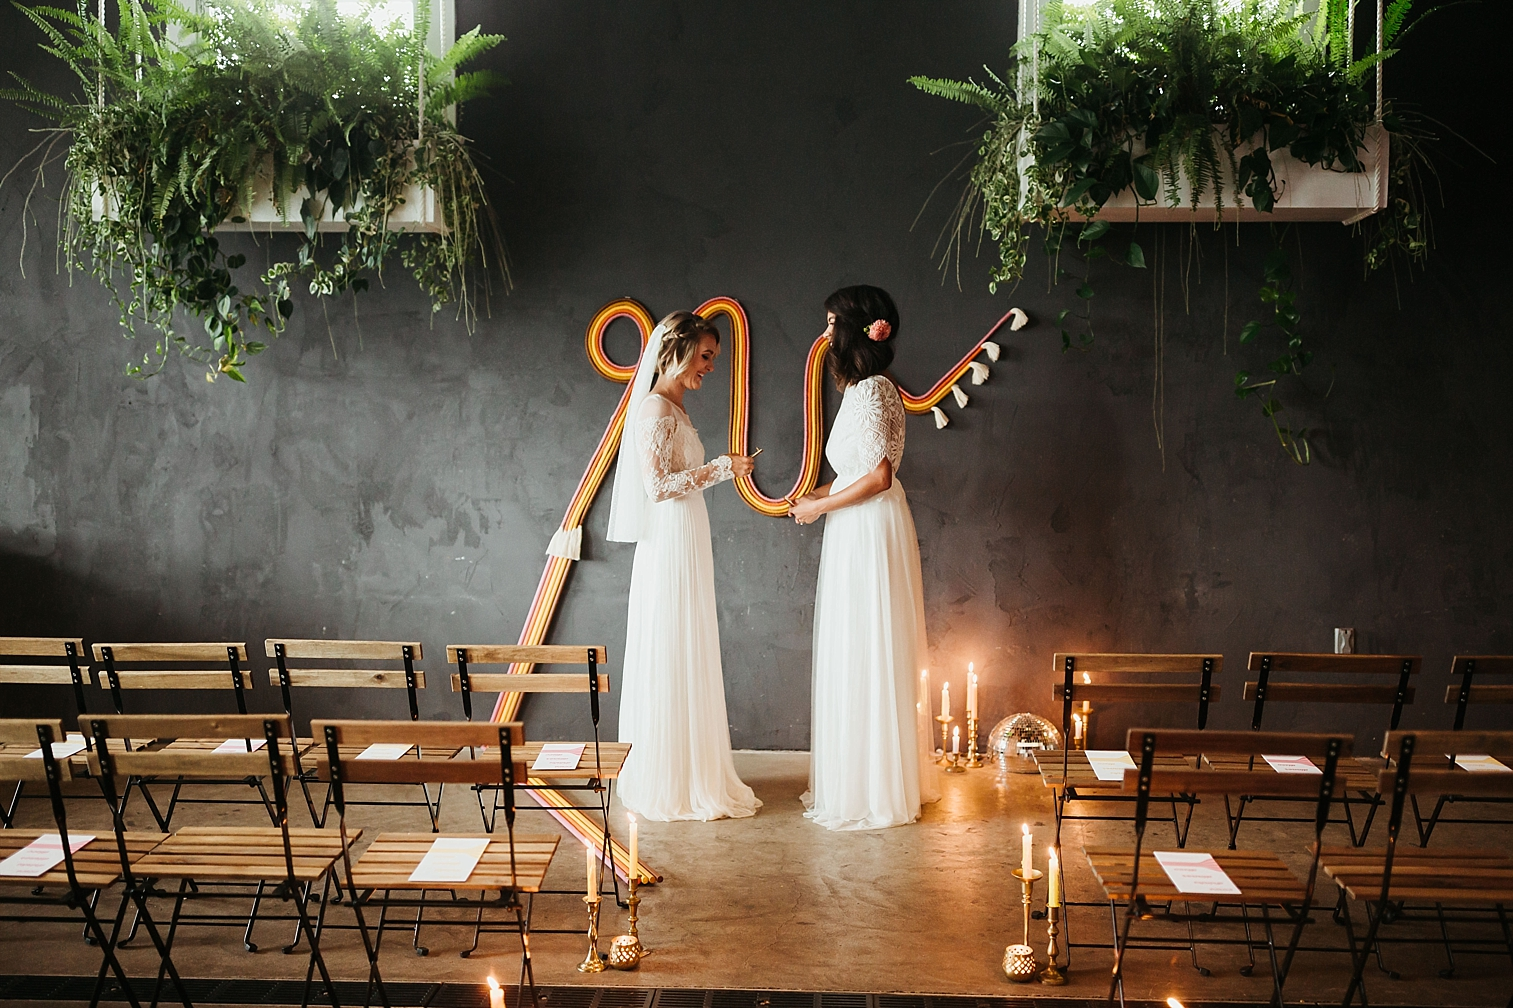 Fruitcraft-Hillcrest-San-Diego-Wedding-51.jpg